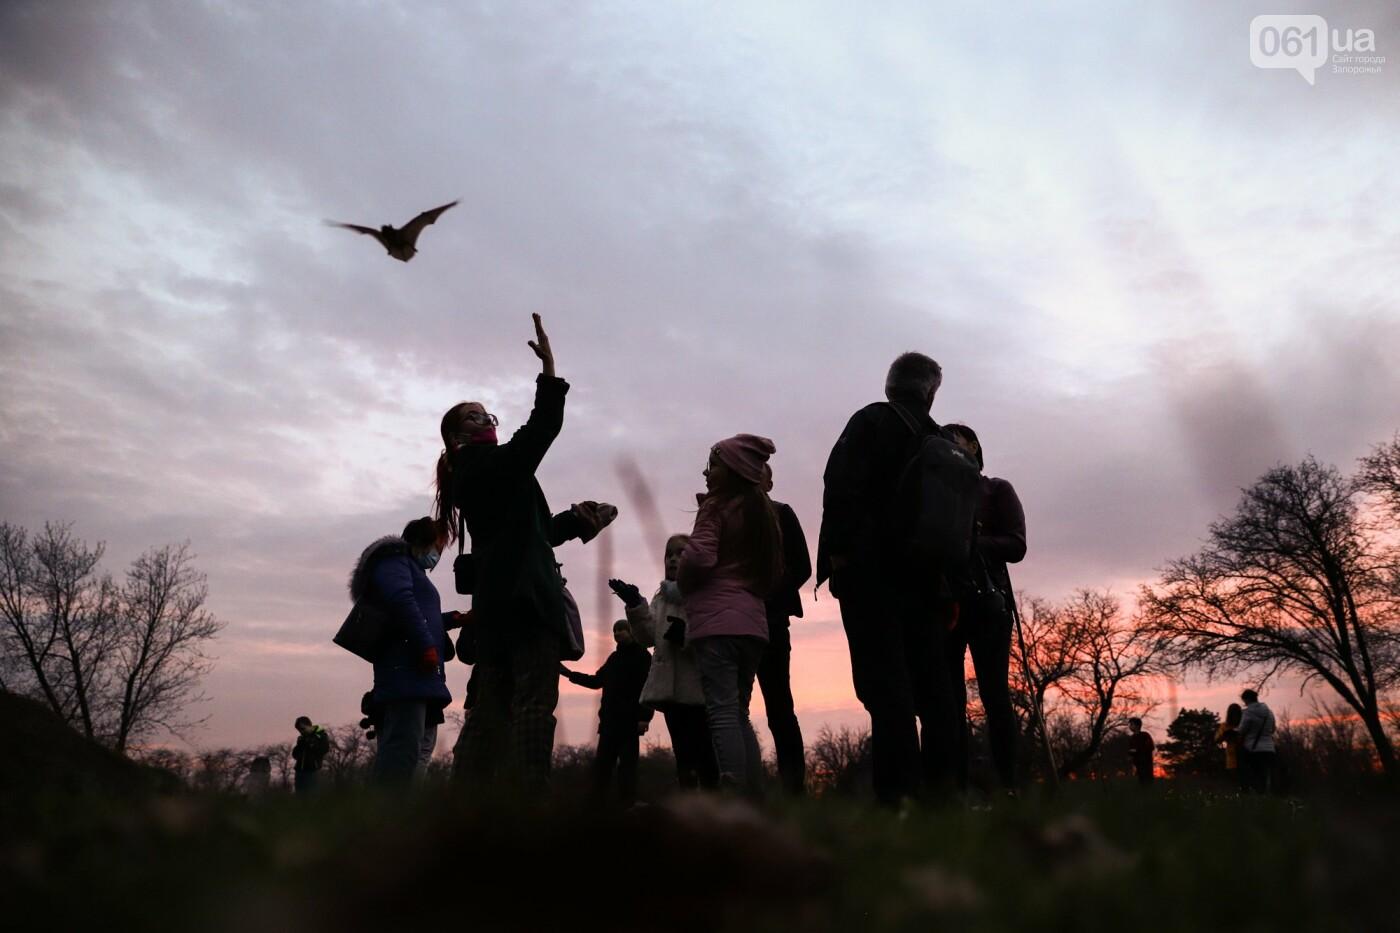 На Хортице выпустили более 700 летучих мышей, спасенных волонтерами, - ФОТОРЕПОРТАЖ, фото-30